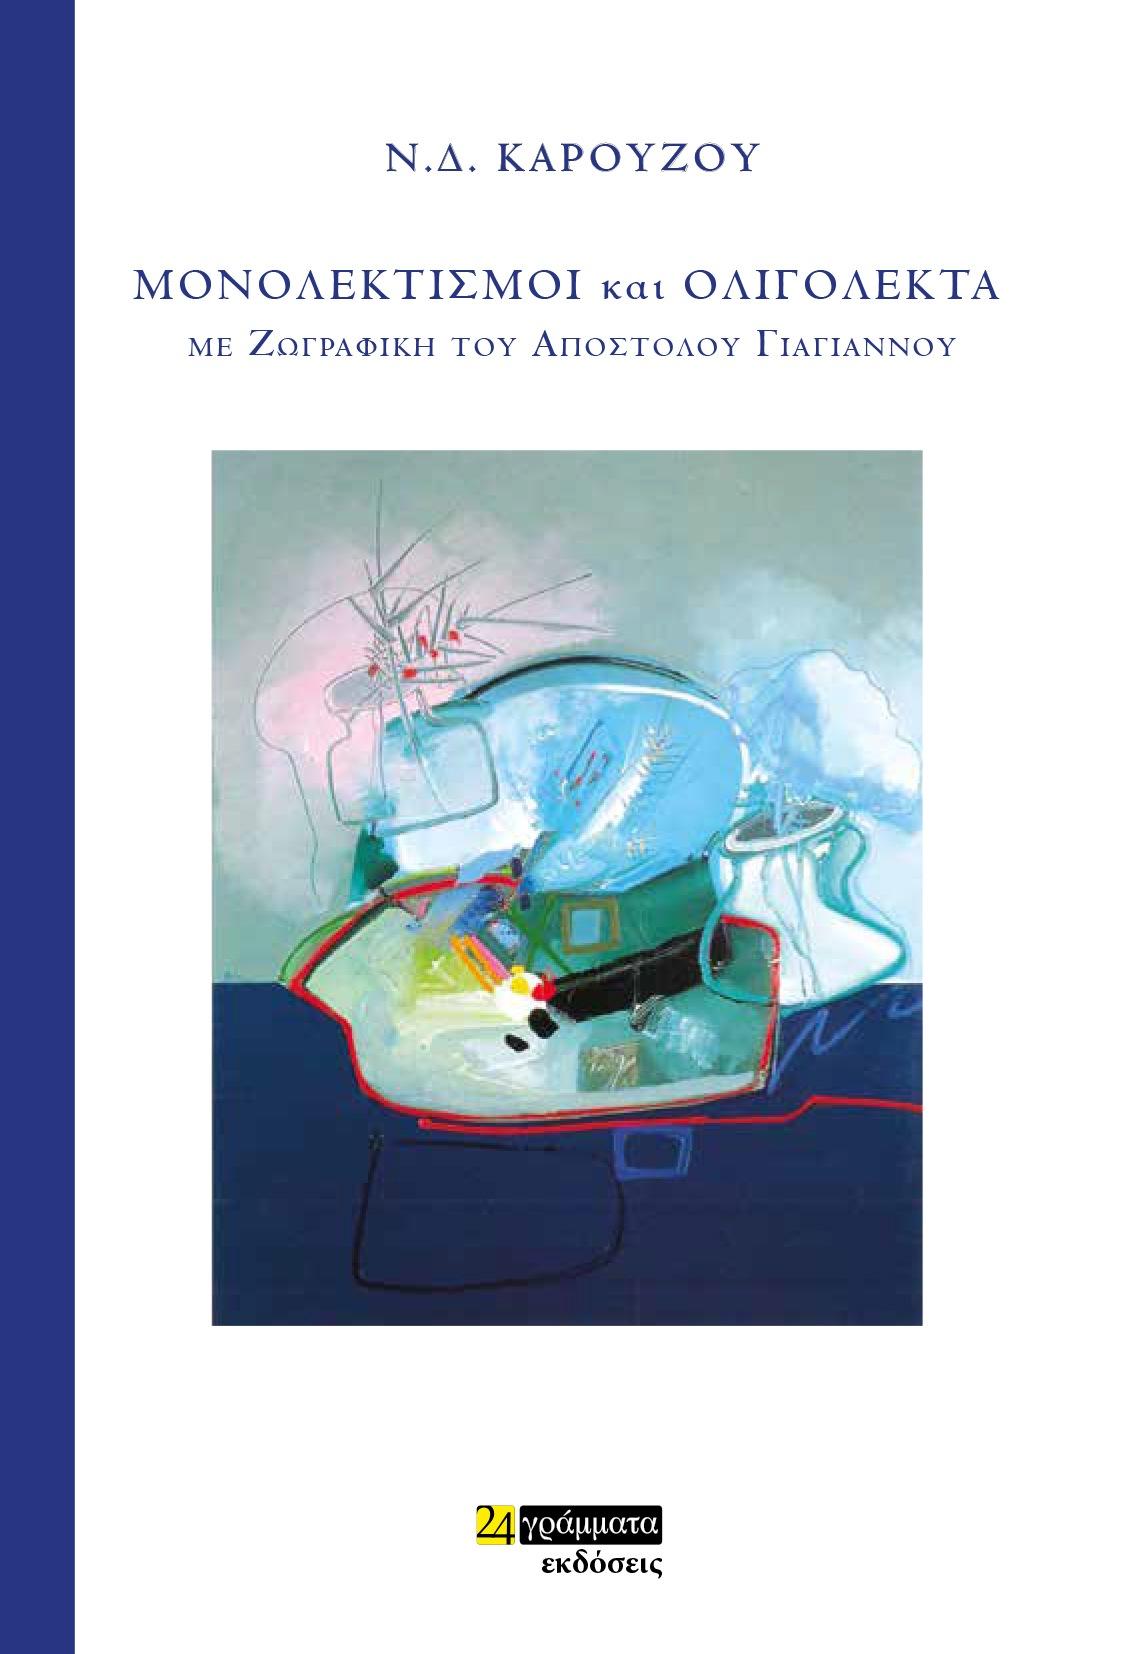 Μονολεκτισμοί και ολιγόλεκτα με ζωγραφική του Απόστολου Γιαγιάννου, , Καρούζος, Νίκος, 1926-1990, 24 γράμματα, 2021